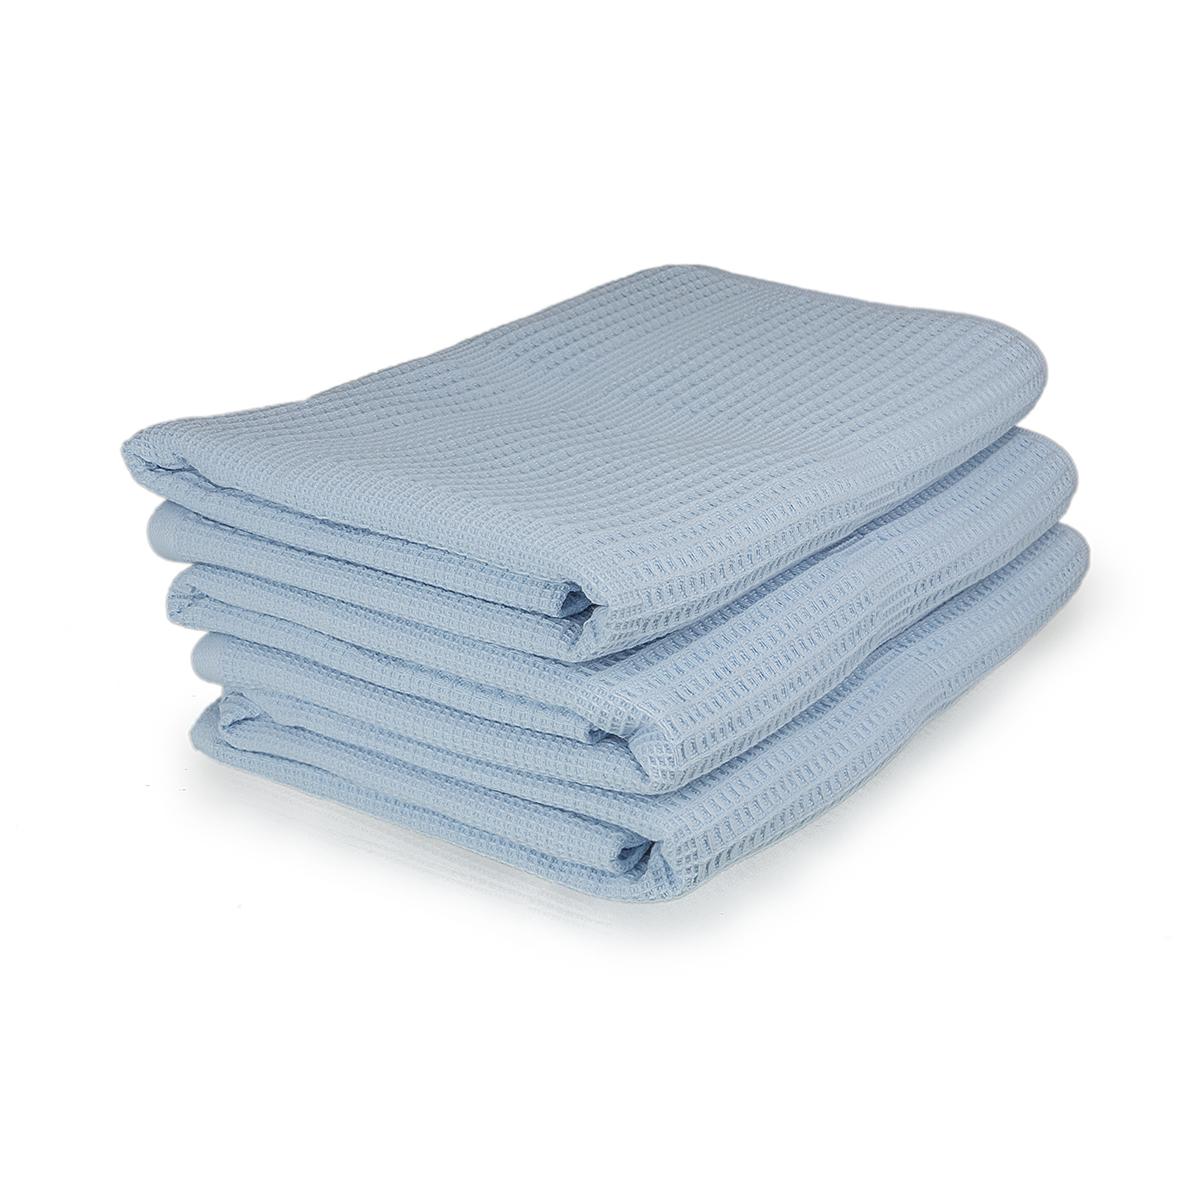 Полотенца Комфорт, цвет Розовый, размер 34х78 смМахровые полотенца<br>Плотность ткани: 380 г/кв. м.<br><br>Тип: Полотенце<br>Размер: 34х78<br>Материал: Вафельное полотно